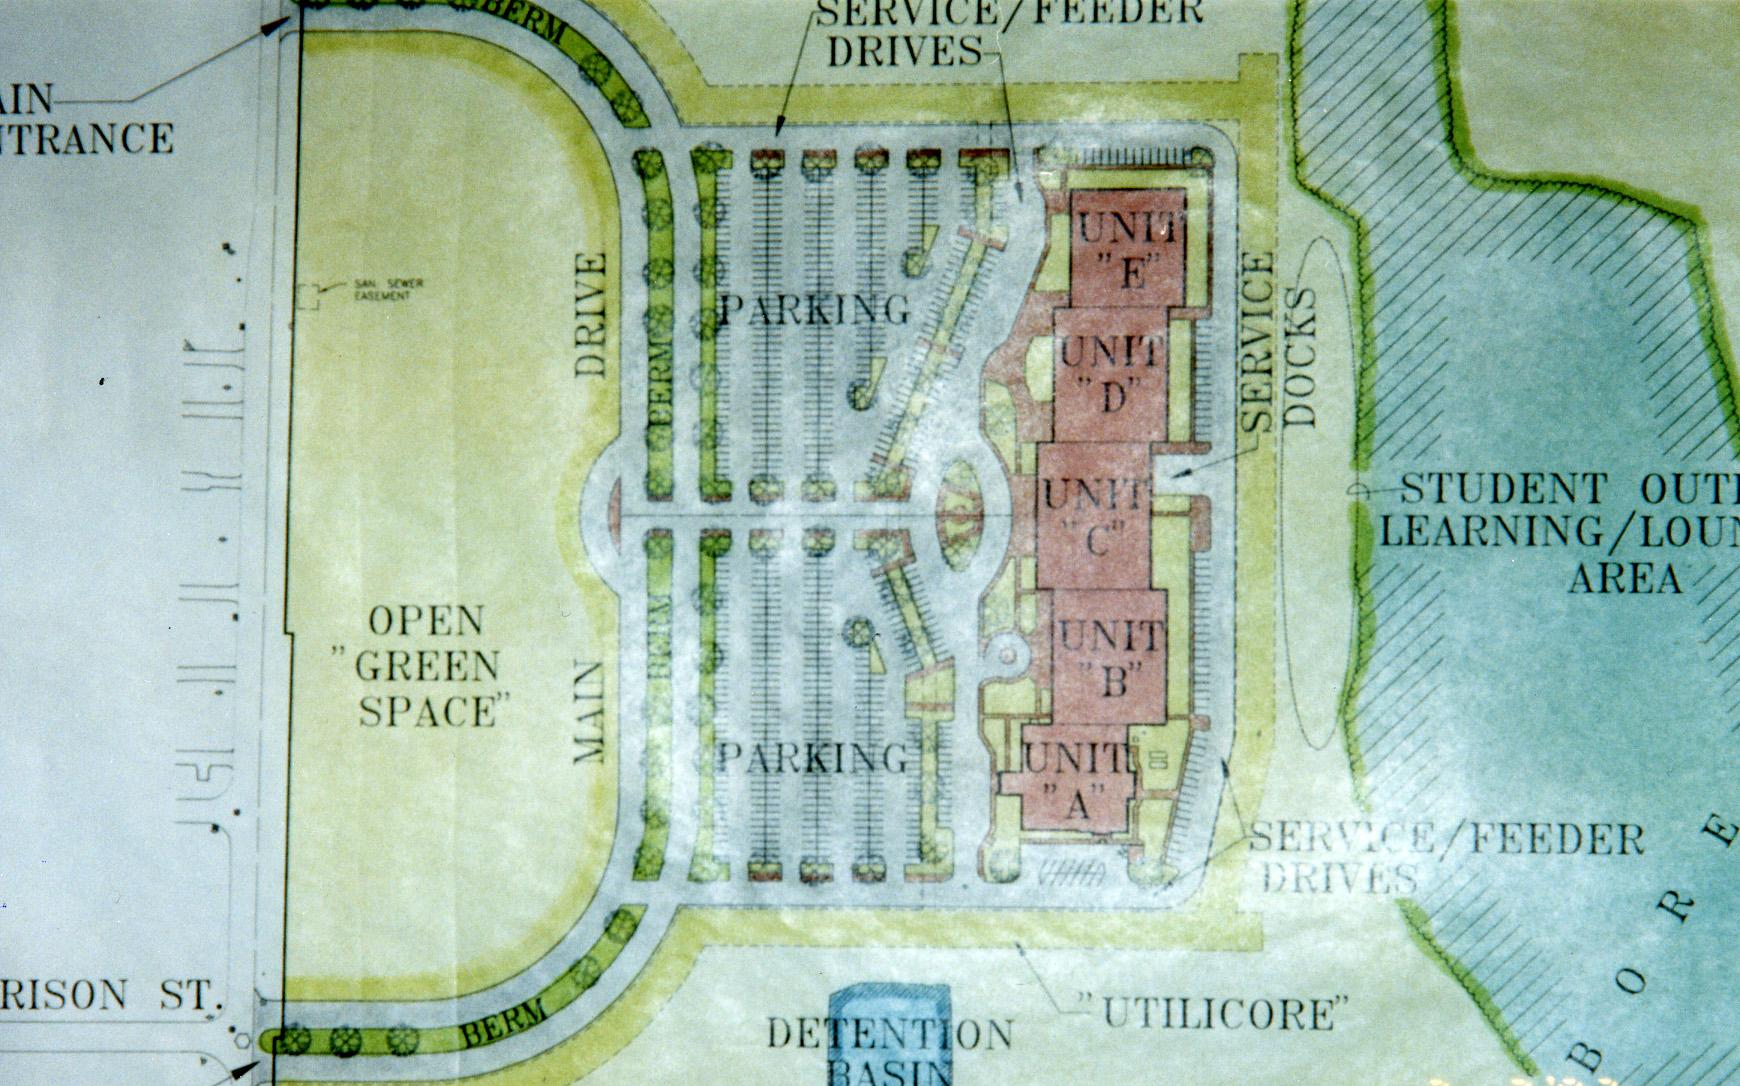 48th street campus master plan